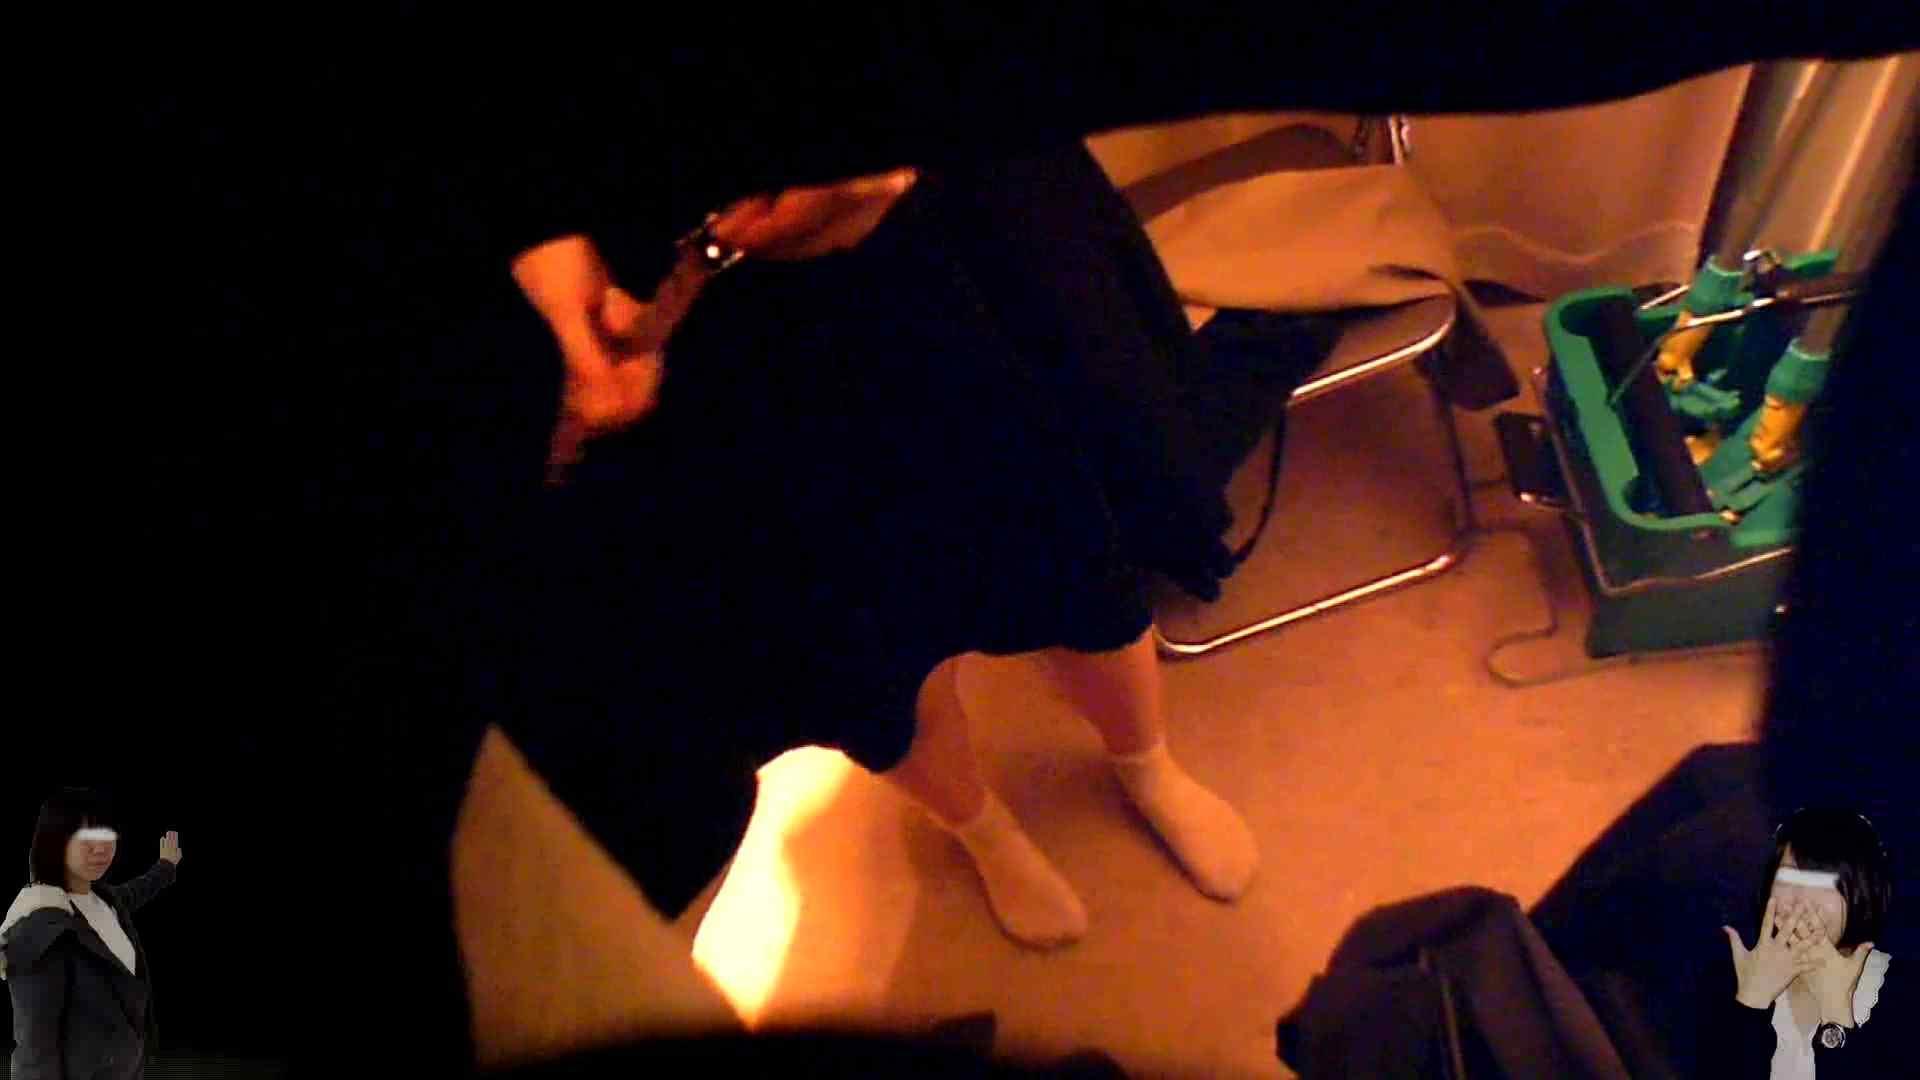 素人投稿 現役「JD」Eちゃんの着替え Vol.04 美しいOLの裸体   投稿  107pic 77